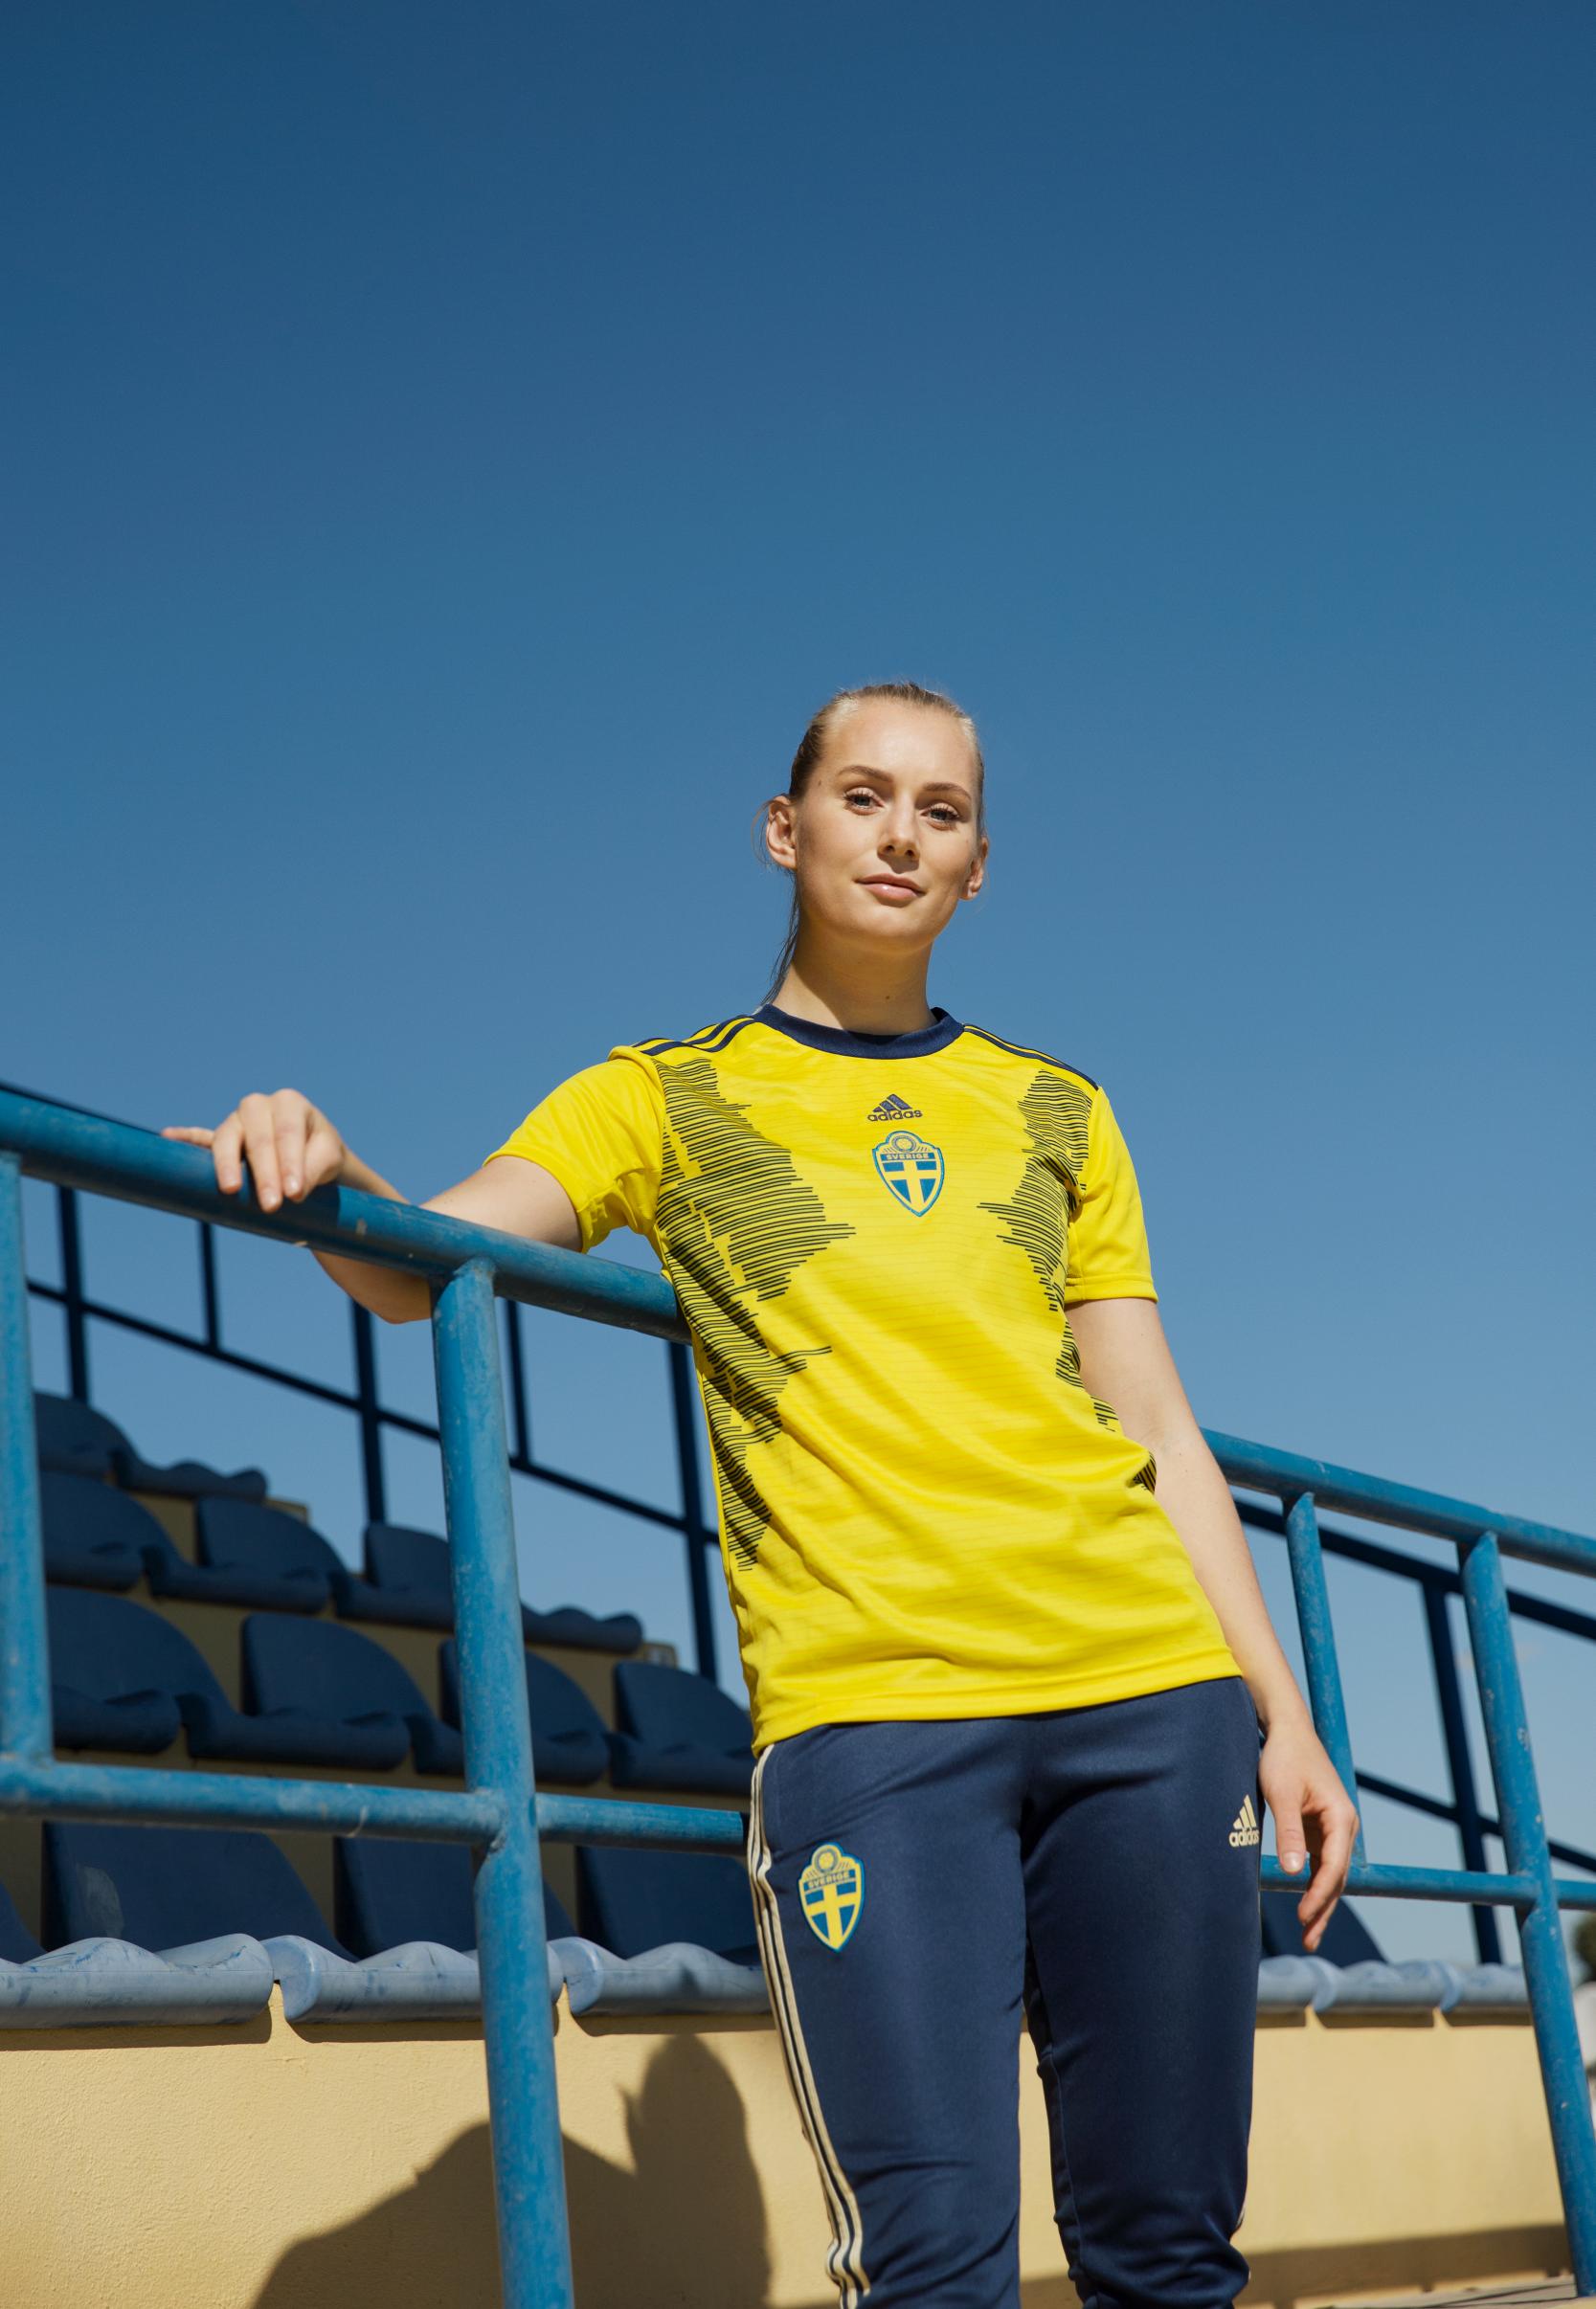 48 femmes inspirantes sur le dos de l'équipe de Suède